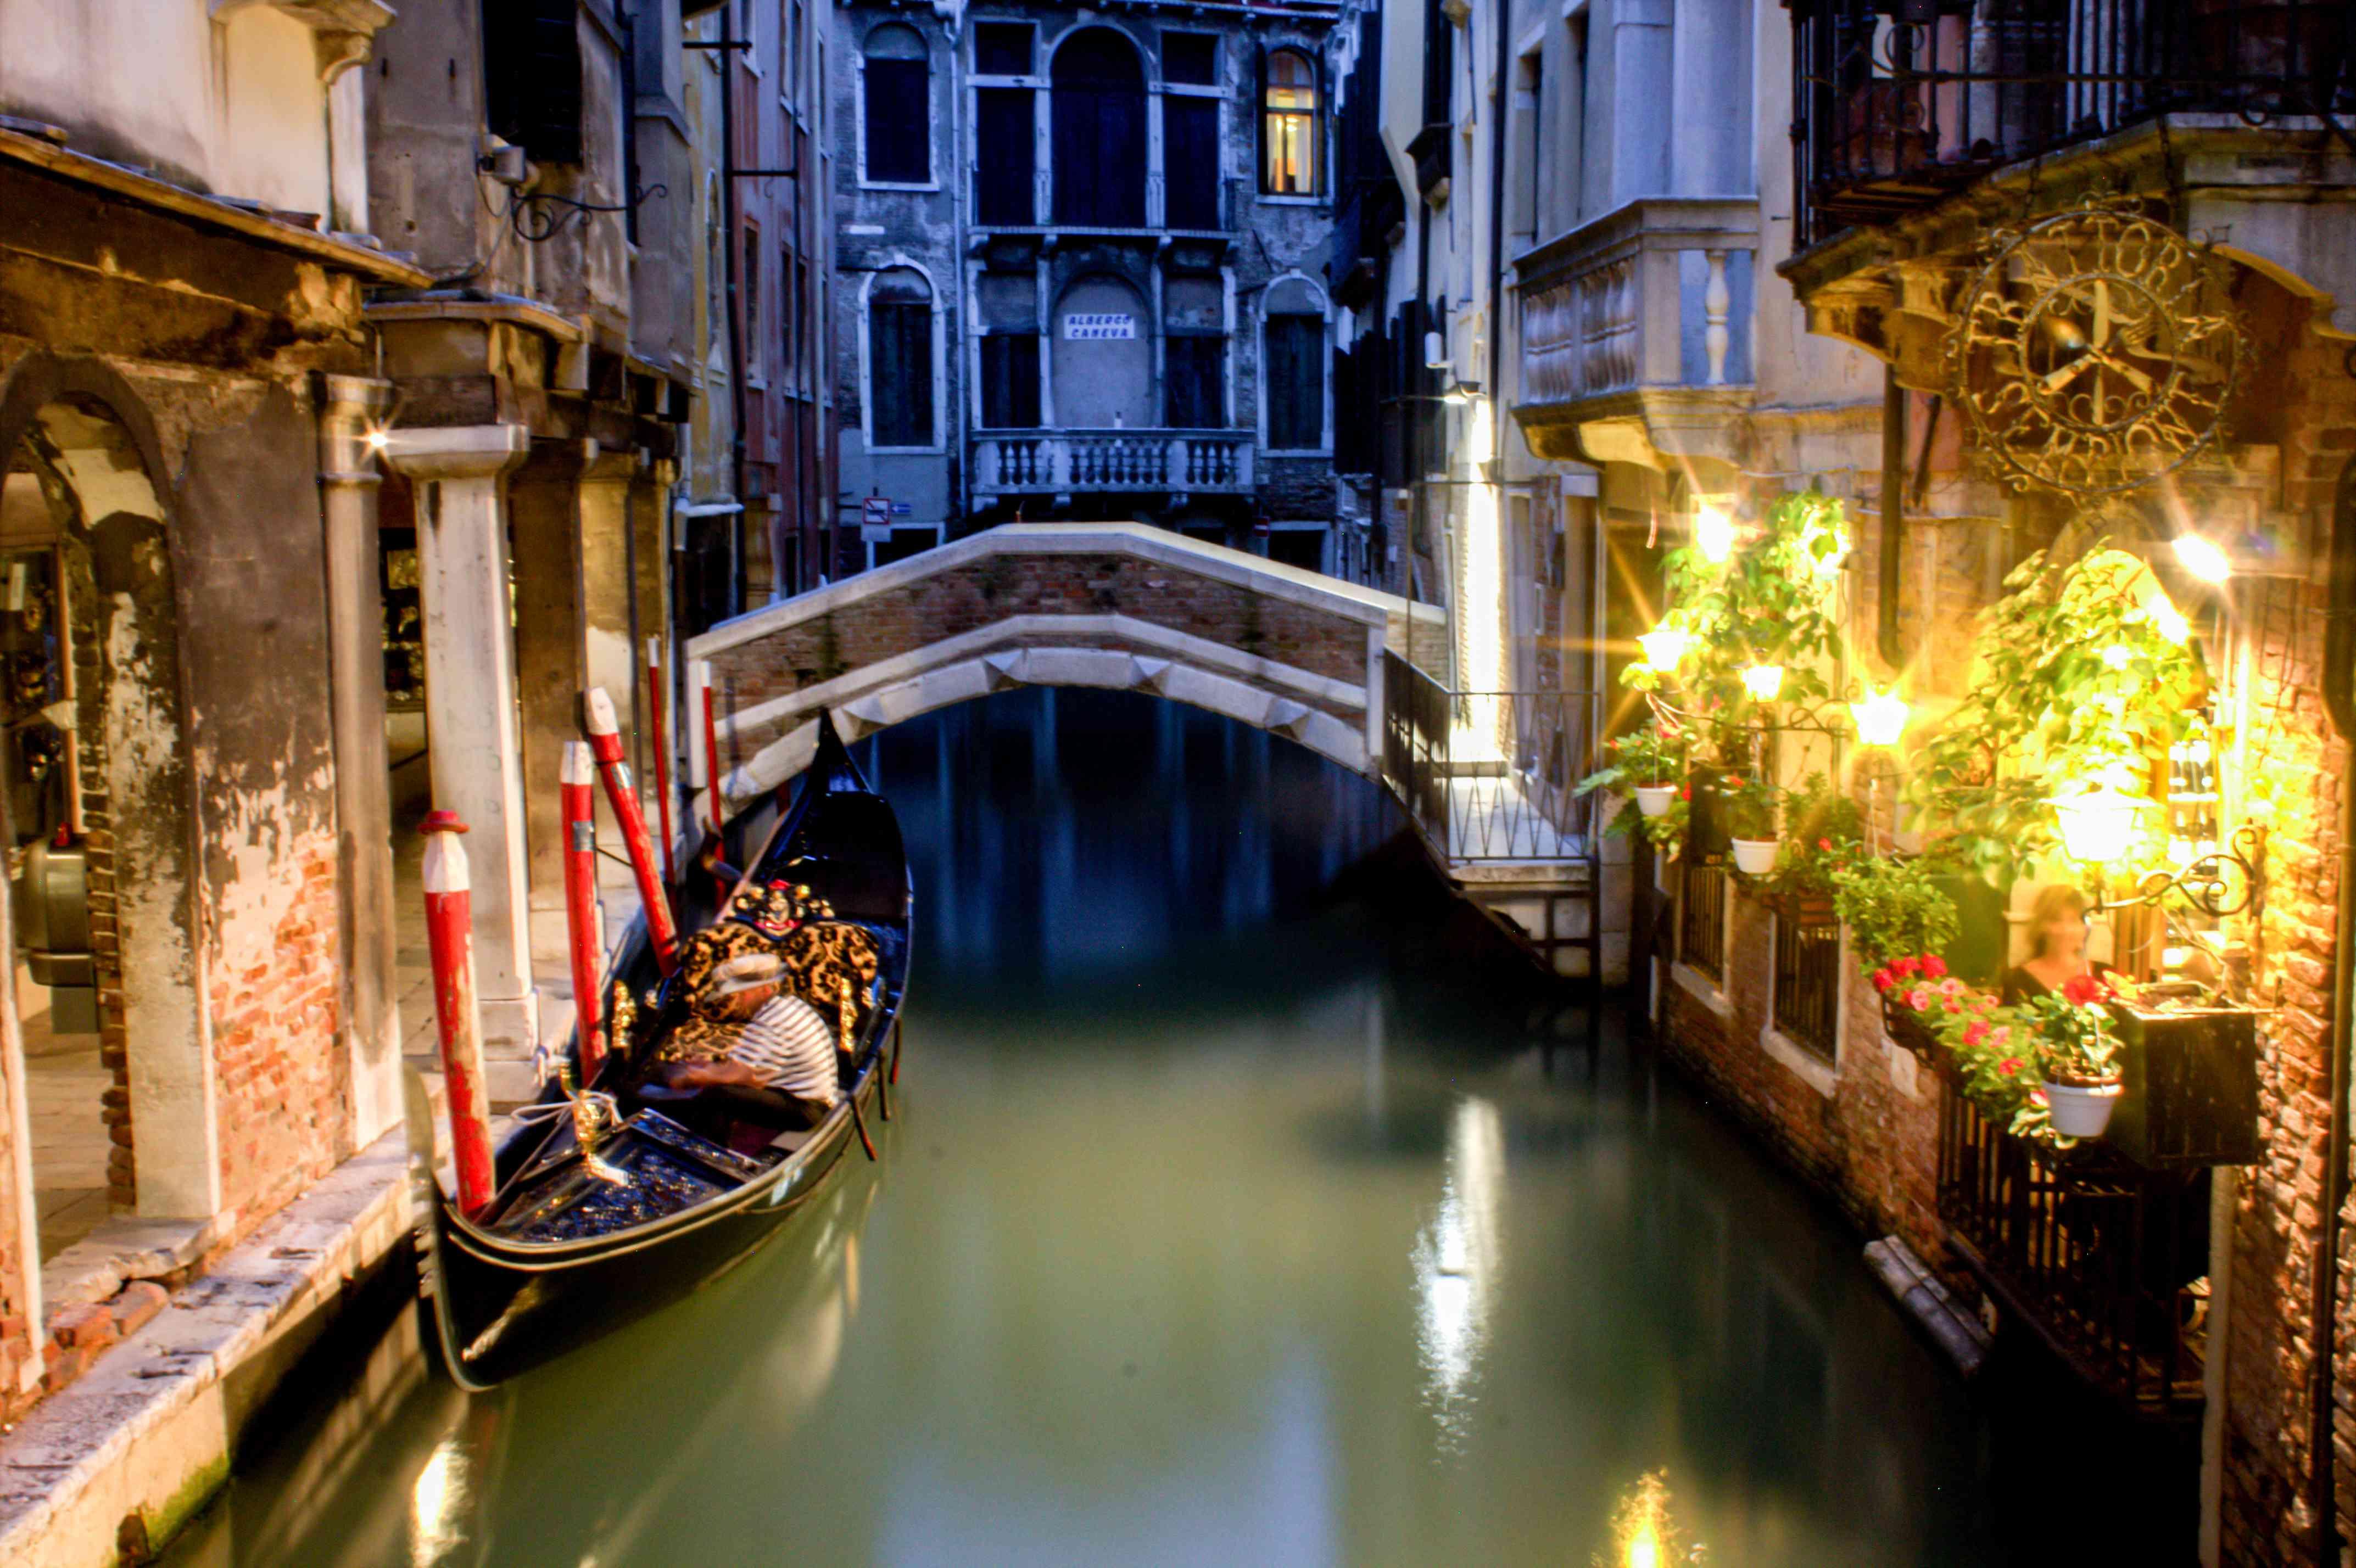 A gondola ride at night in Venice